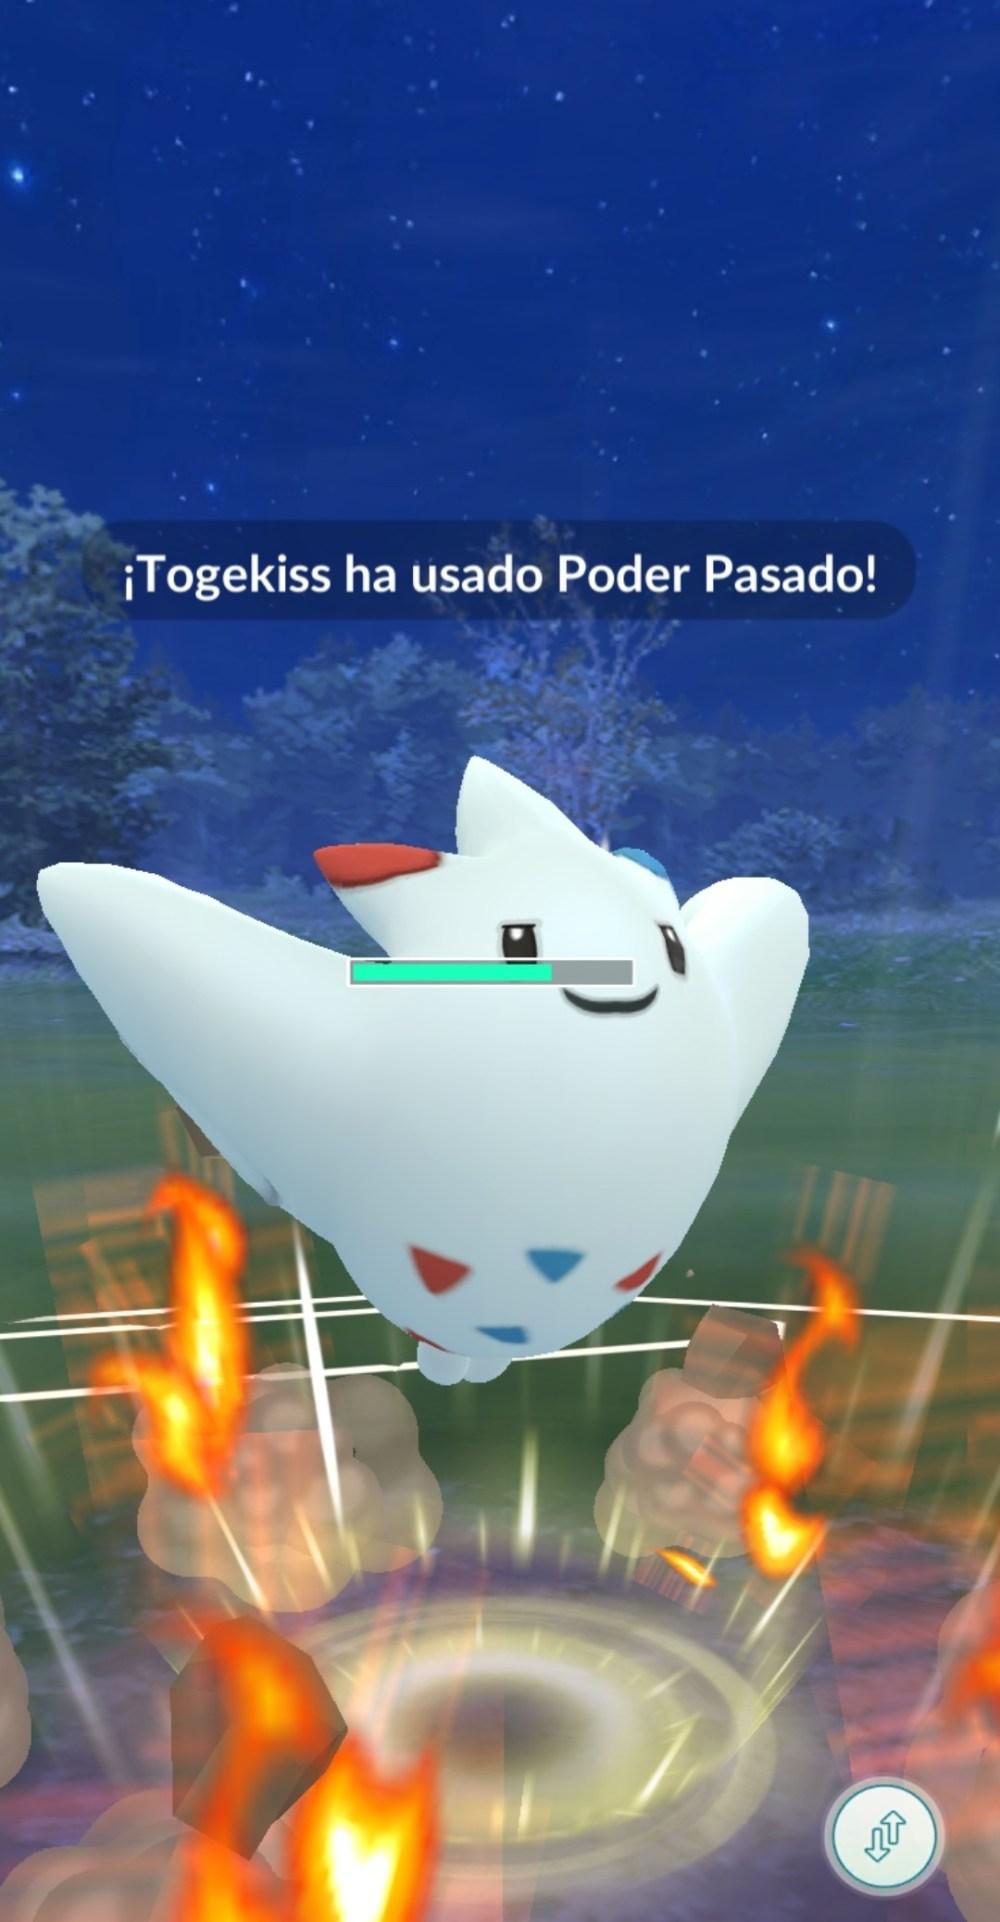 PVP Pokemon Go